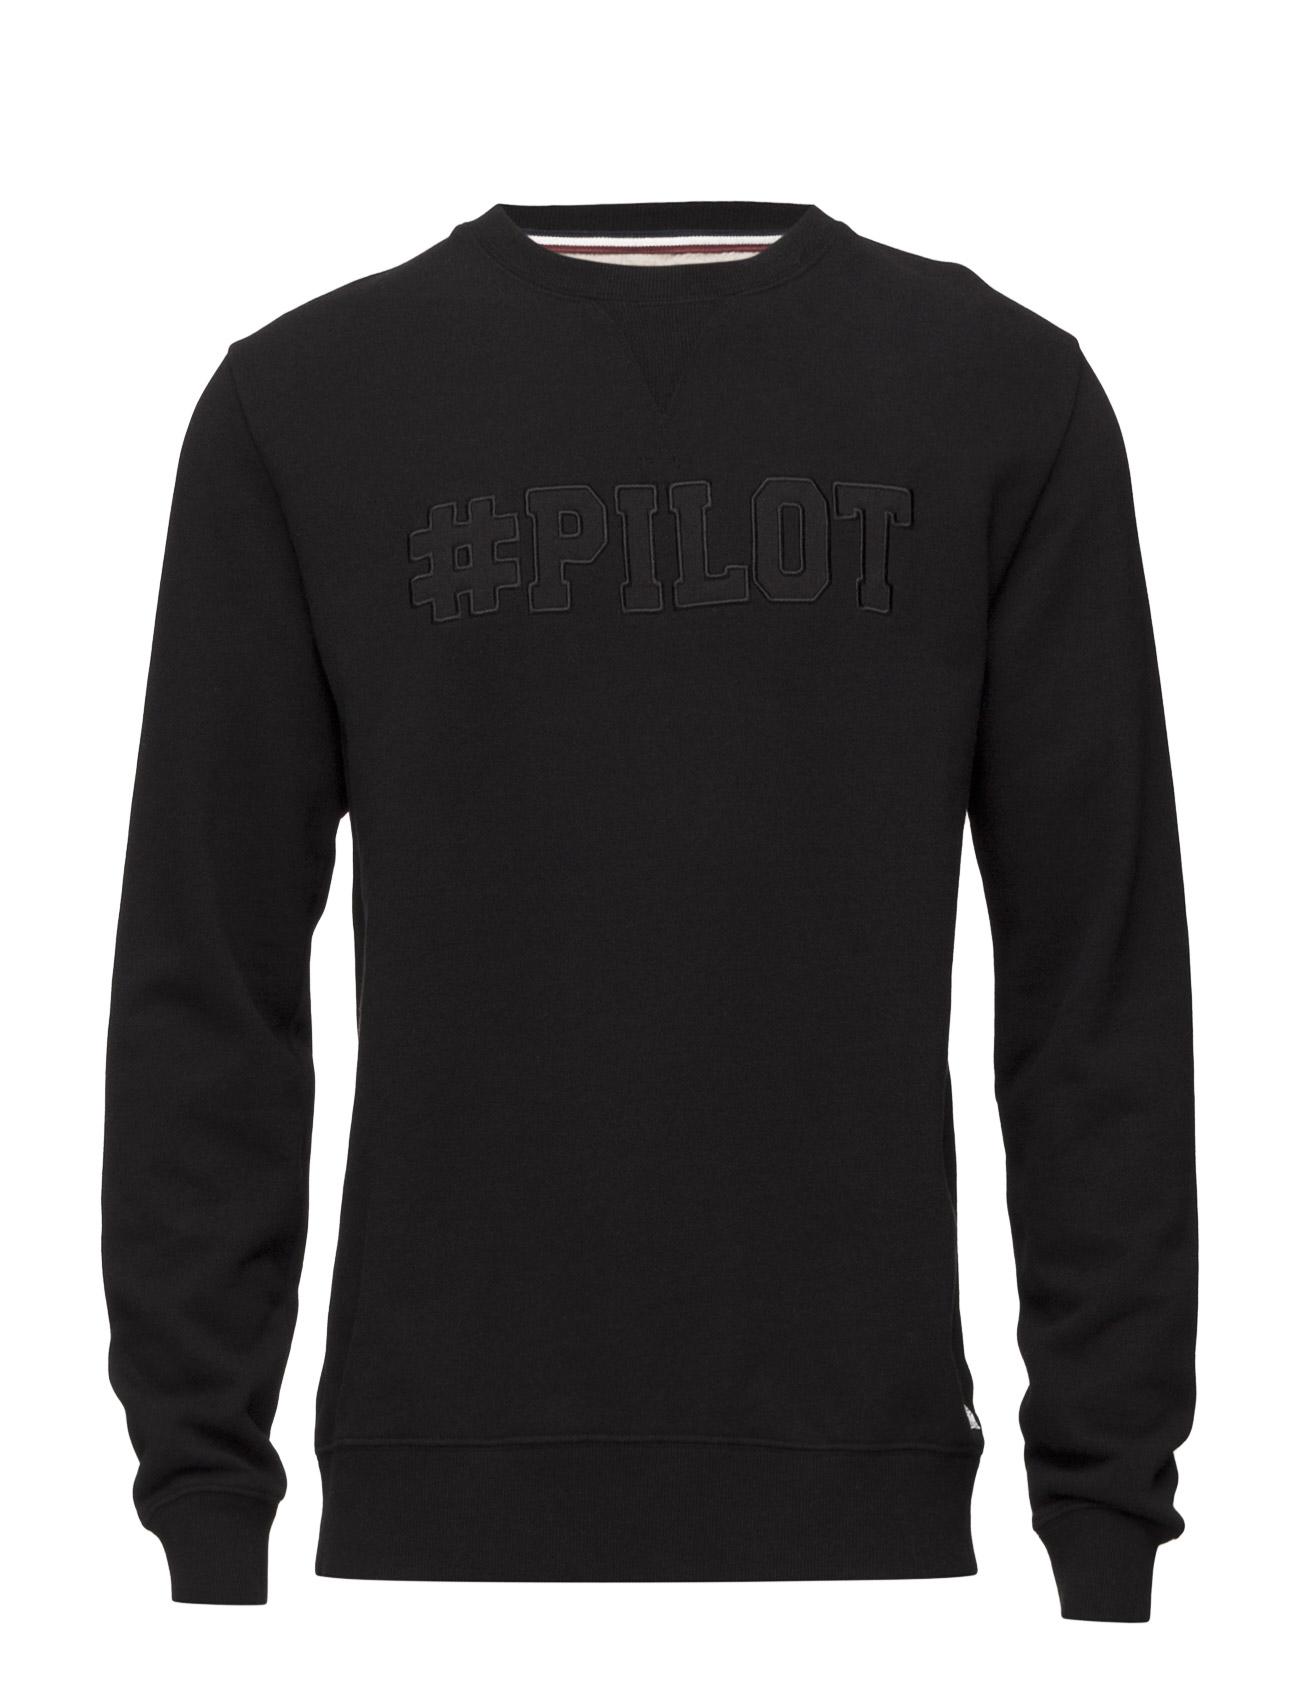 #Hashtagsweatshirt